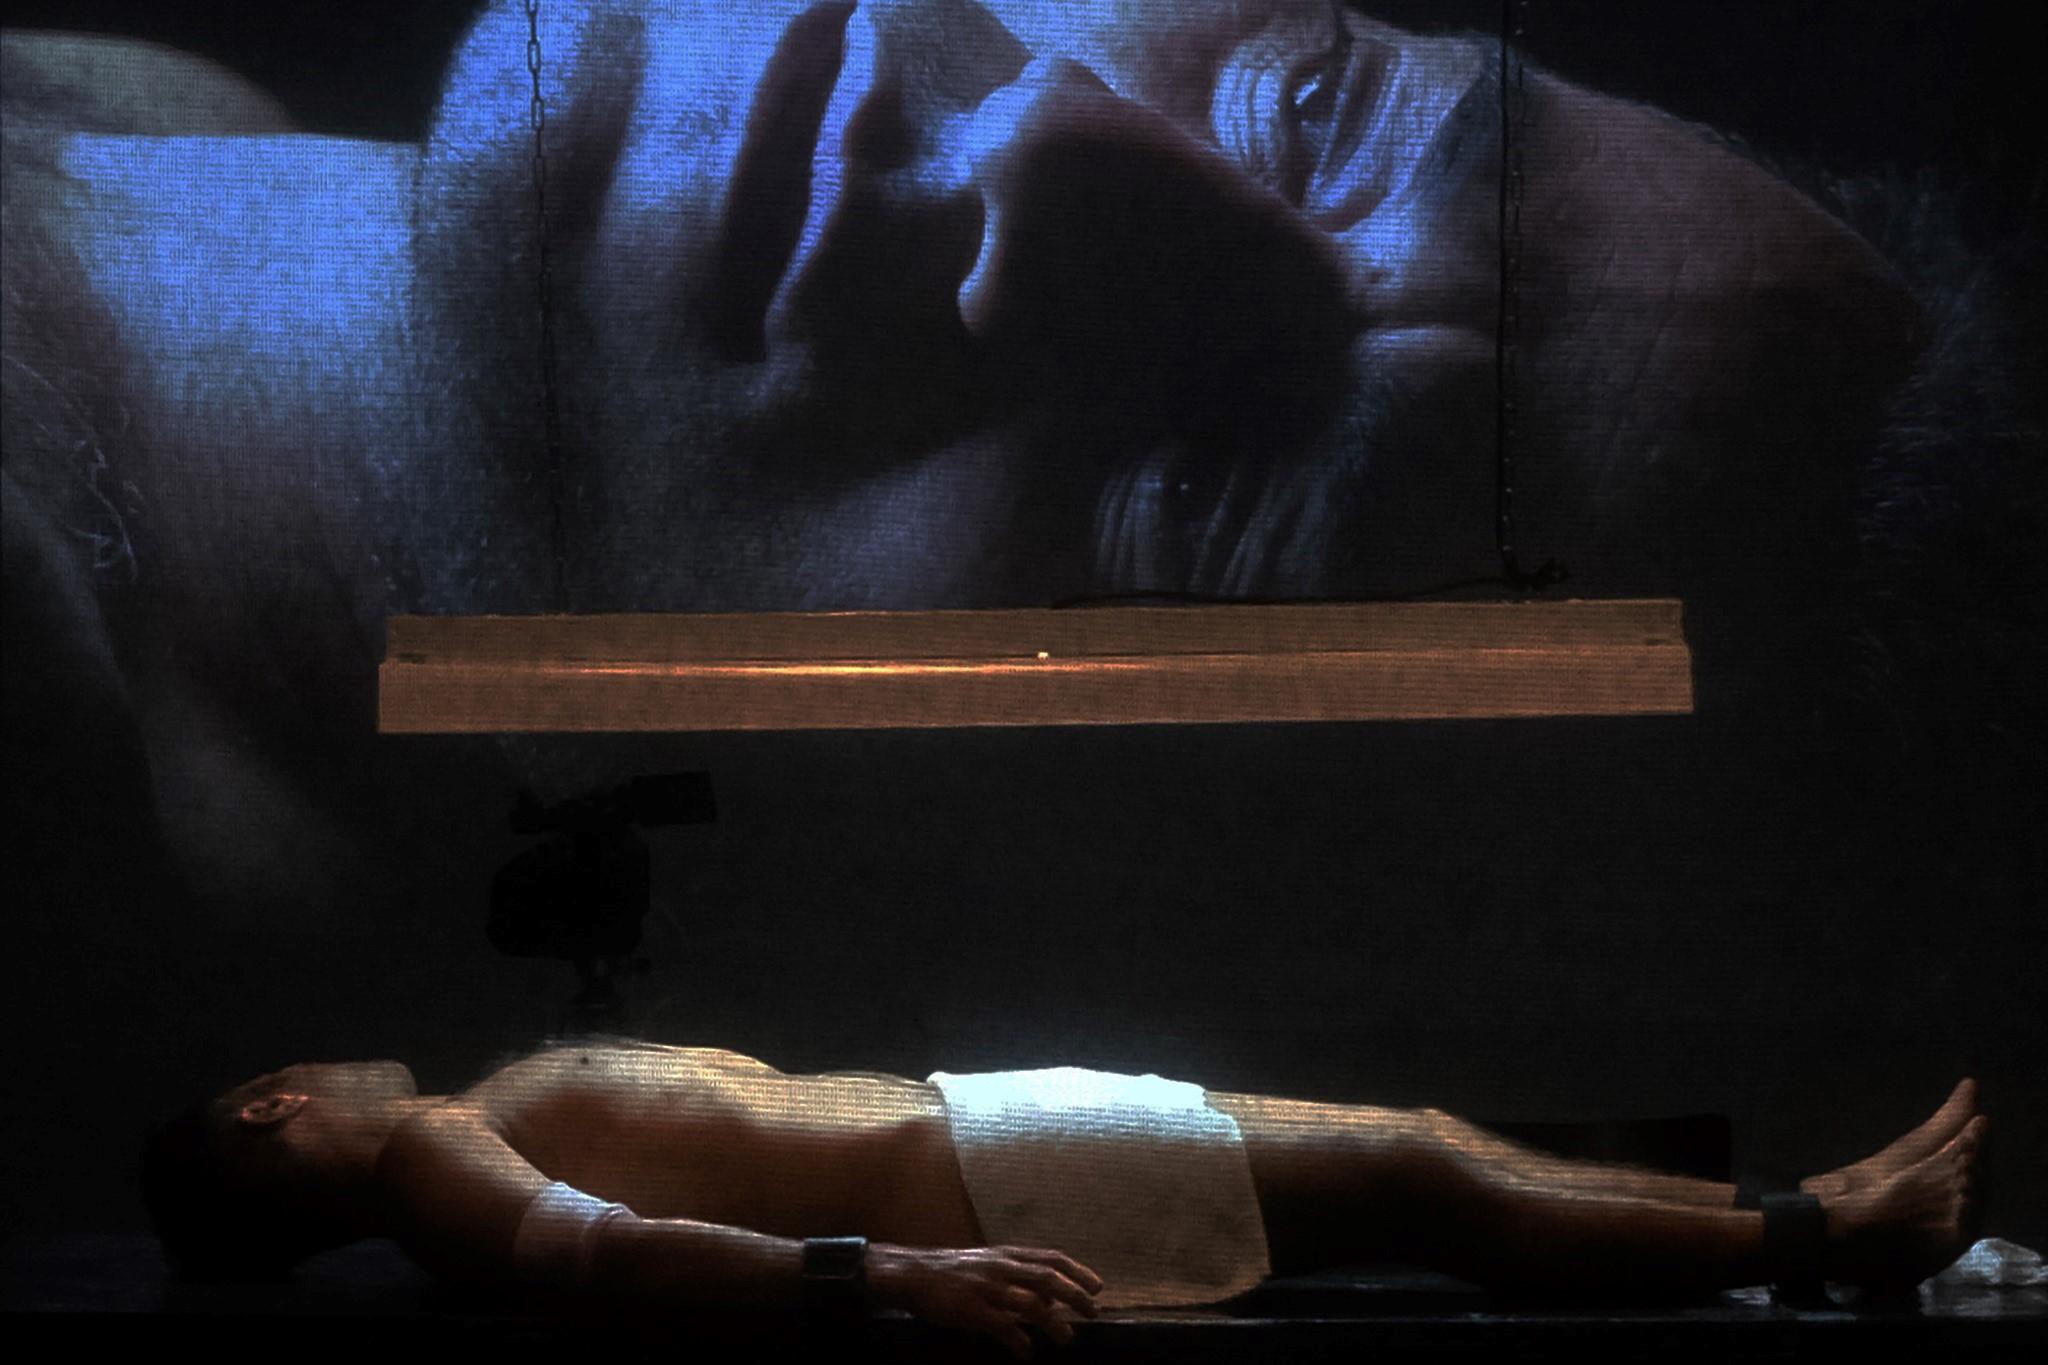 ח'שבה של הבמאי בשאר מורקוס: תיאטרון חיפאי הזוכה בהצלחה רבה באירופה